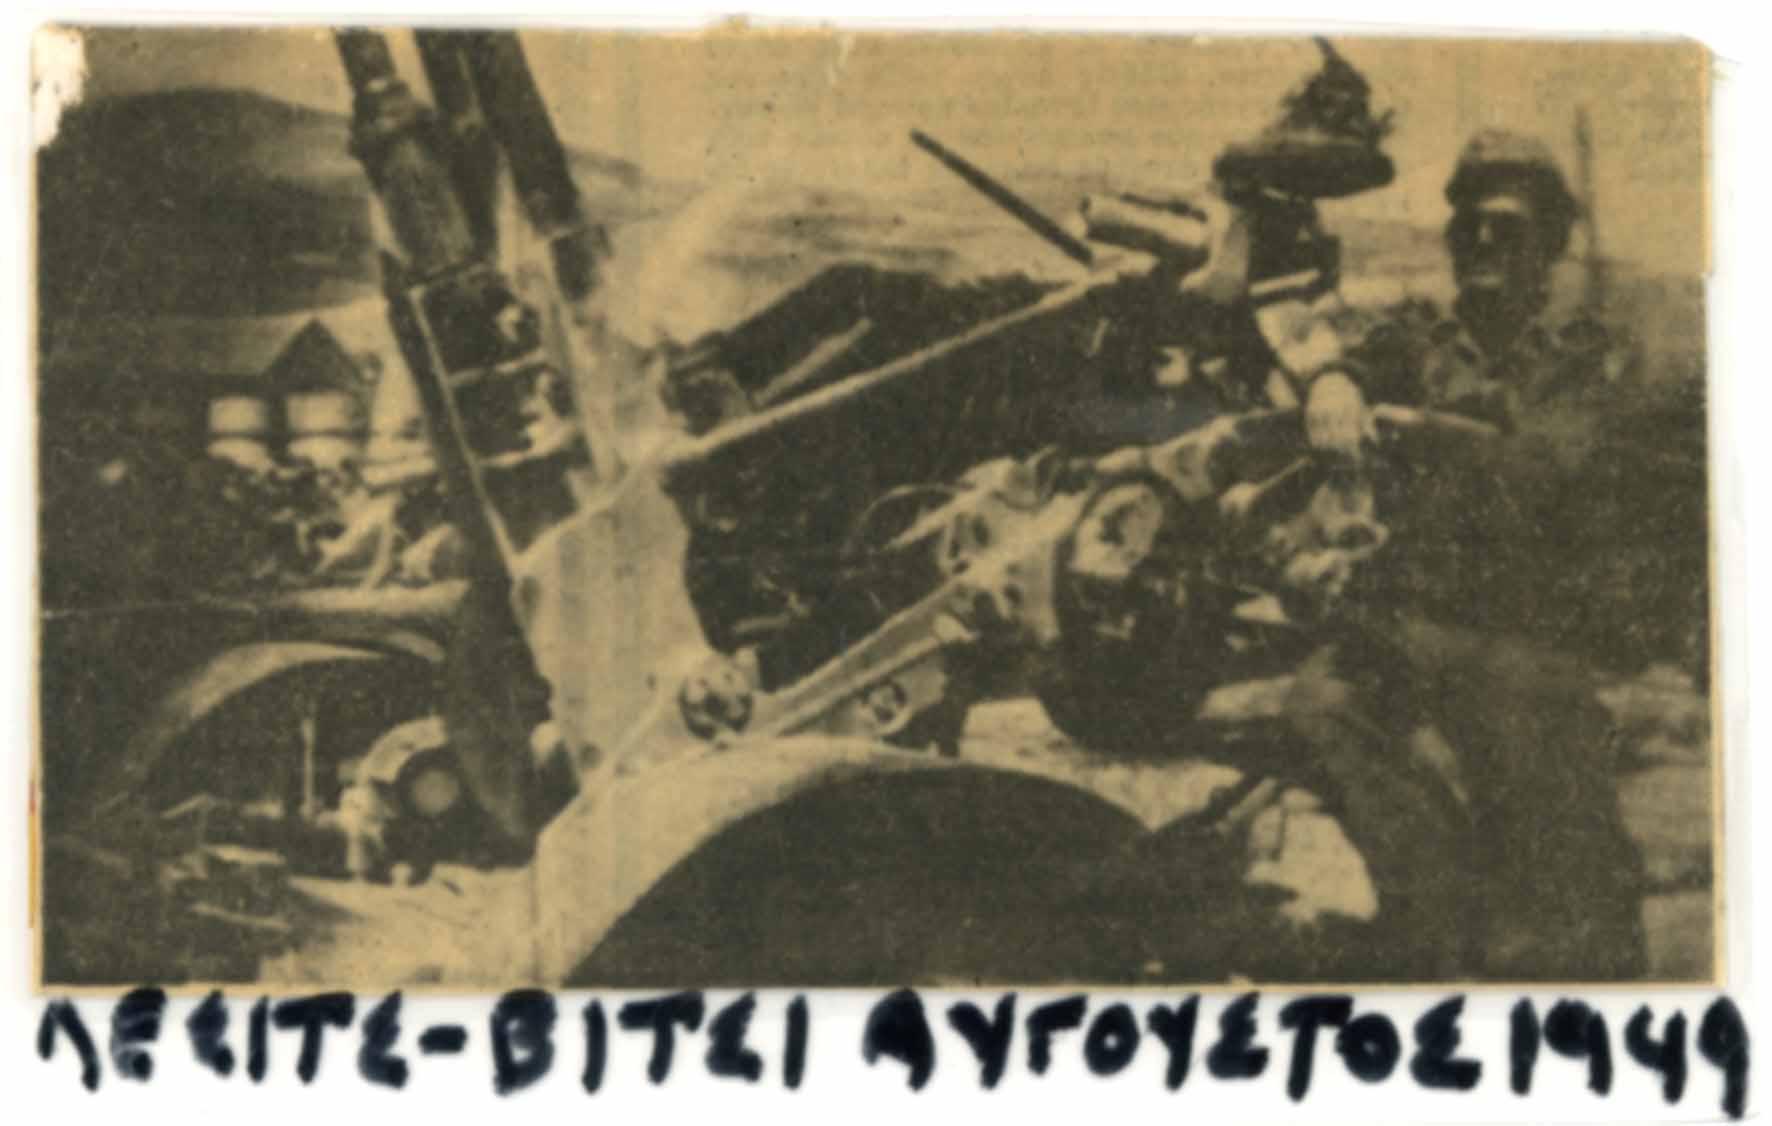 Γερμανικό Α/Α του ΔΣΕ που καταλήφθηκε από το 507 στην κορυφή του ΛΕΣΙΤΣ στην καταδίωξη που επακολοήθησε. Η φωτό είναι από εφημερίδα της εποχης και φαινεται ο λοχίας ΠΖ Γκανάς Χαράλαμπος που ηταν στο 507 ΤΠ. Έχει τραγική ιστορία αυτό το πυροβόλο, καθώς ελέγχθηκε από τους πυροτεχνουργούς αμελώς προφανώς, αλλά ήταν παγιδευμένο και εξερράγη, διαμελίζοντας 4 στρατιώτες του λόχου του Παύλου Γαλανού. Ο Παύλος Γαλανός το έλεγε με δάκρυα γιατί θεωρούσε ότι ήταν εκείνος υπεύθυνος αυτής της απώλειας, αλλα και γιατί τα παιδιά αυτά είχαν γλυτώσει από την κόλαση της επίθεσης εναντιον των υψωμάτων την προηγουμενη ημερα για να χαθουν αδικα